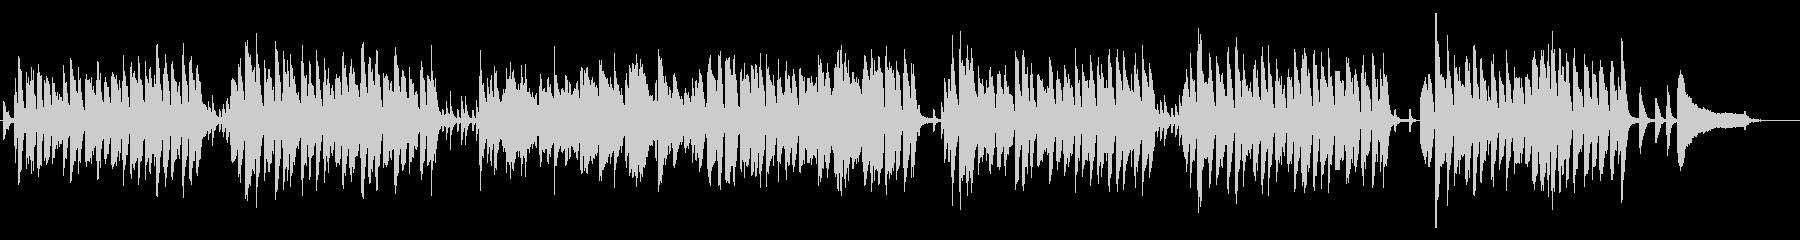 ピアノトリオのボサ・ノヴァ風ジャズの未再生の波形